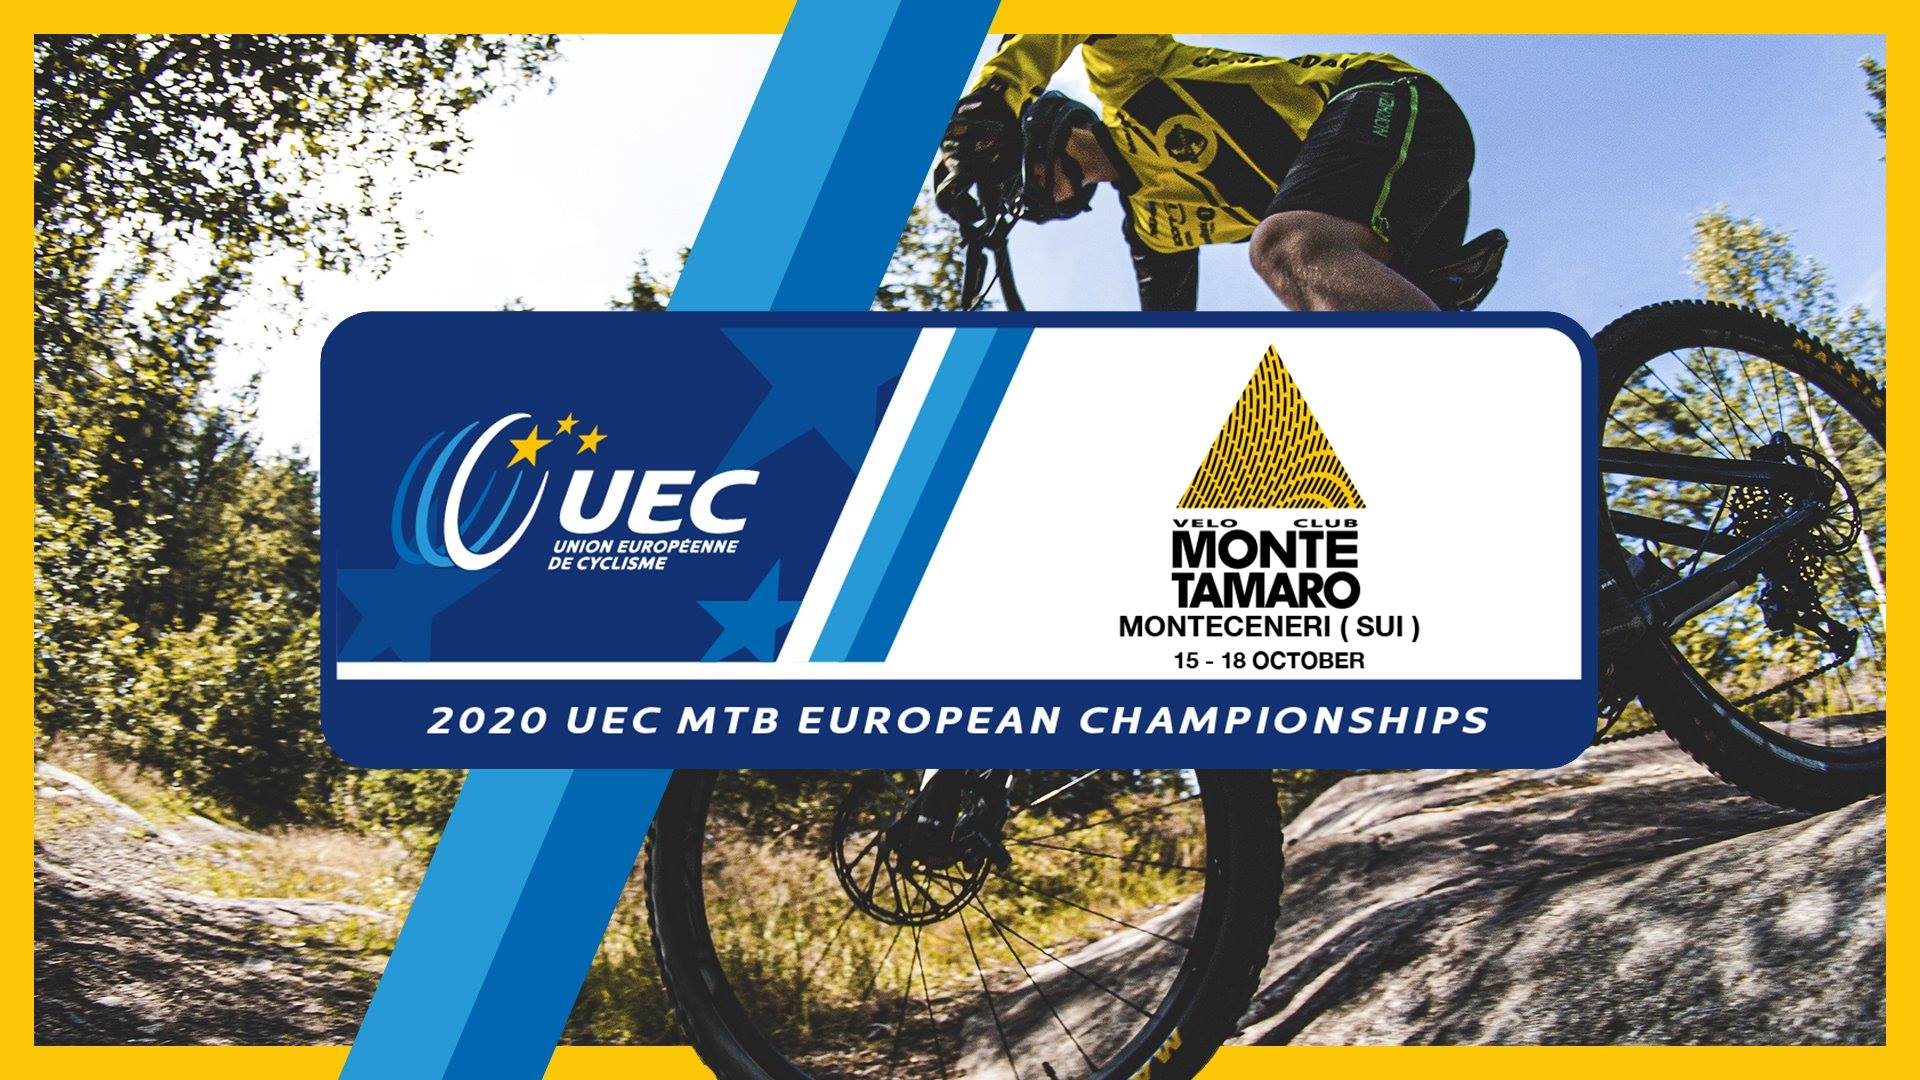 W Szwajcarii startują Mistrzostwa Europy w kolarstwie górskim 2020